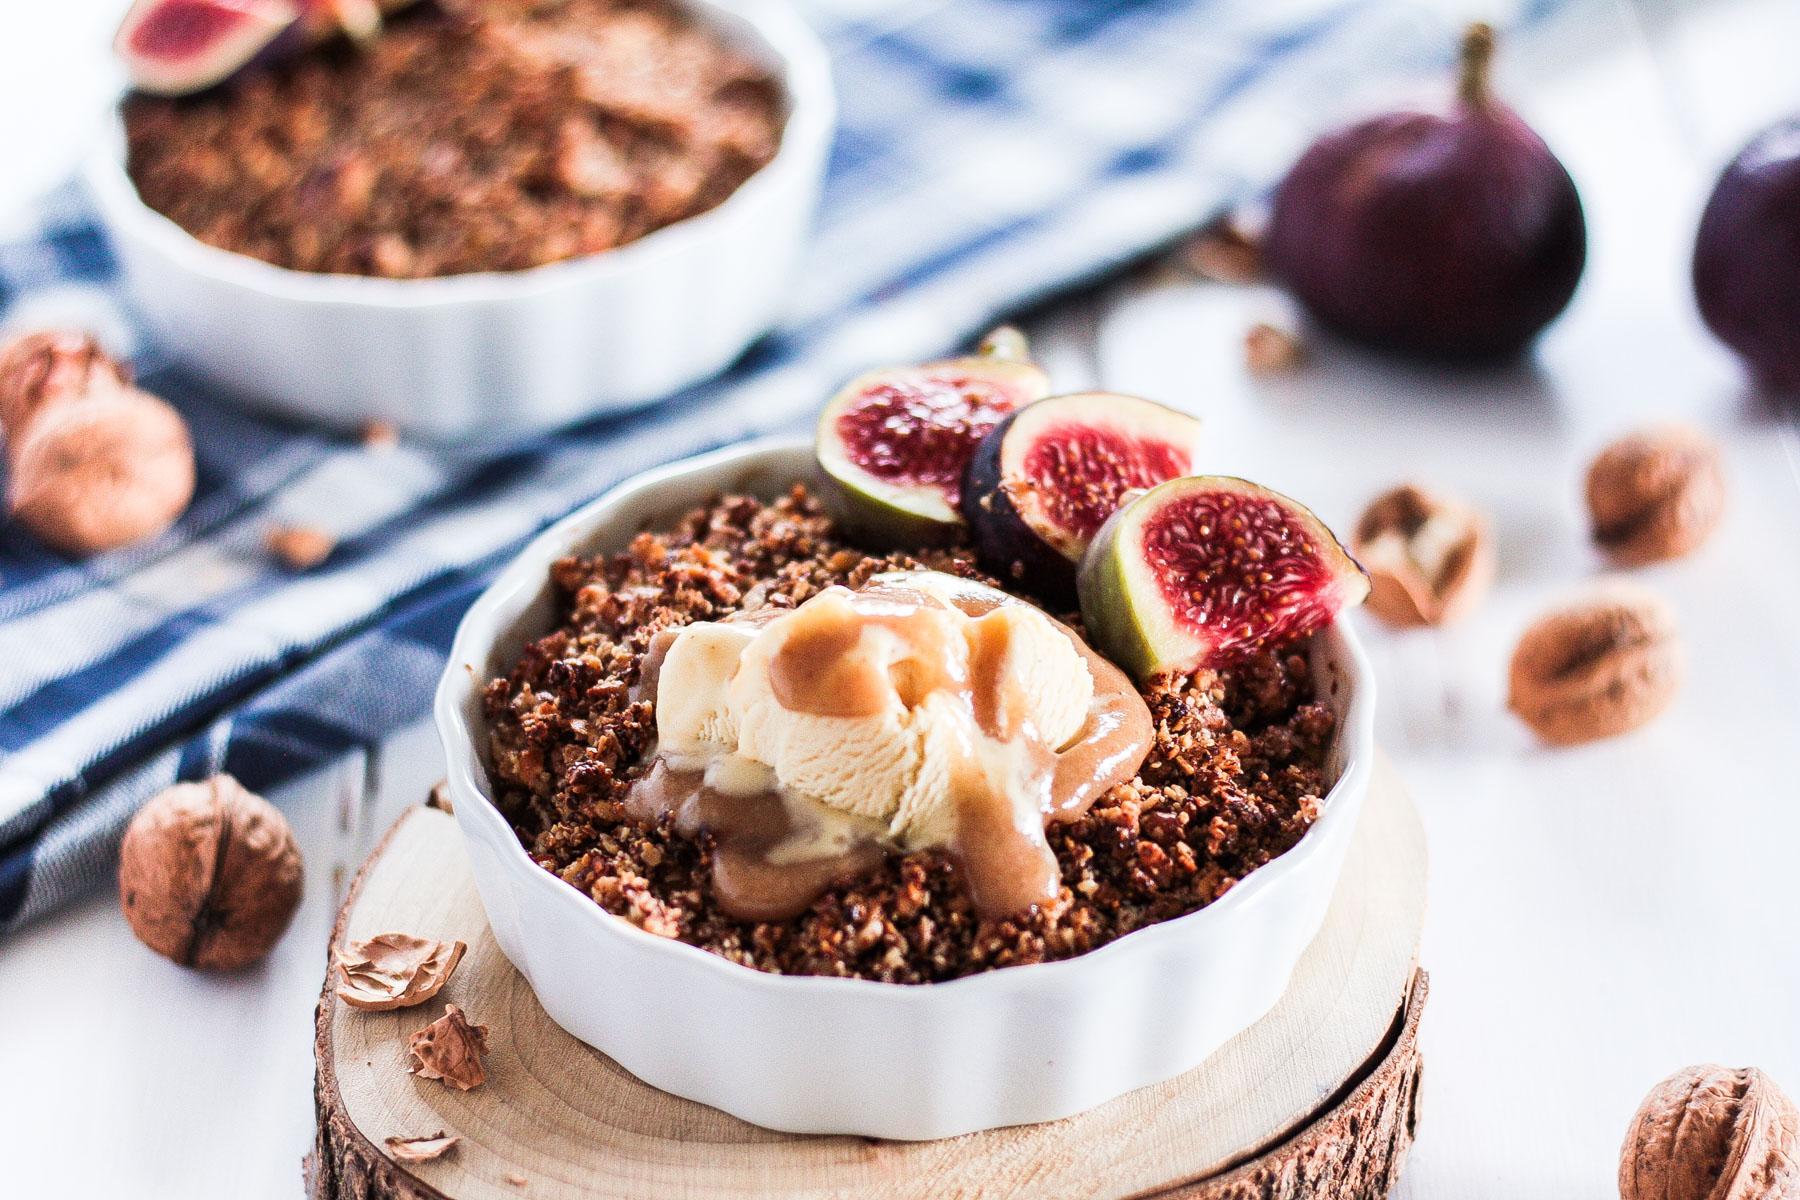 Veganes Apfel-Crumble mit cleaner Karamellsoße ist ein schnelles und einfaches Dessert, perfekt für einen gemütlichen Herbstnachmittag / Herbstabend! Cleanes, glutenfreies, veganes und zuckerfreis Soulfood.